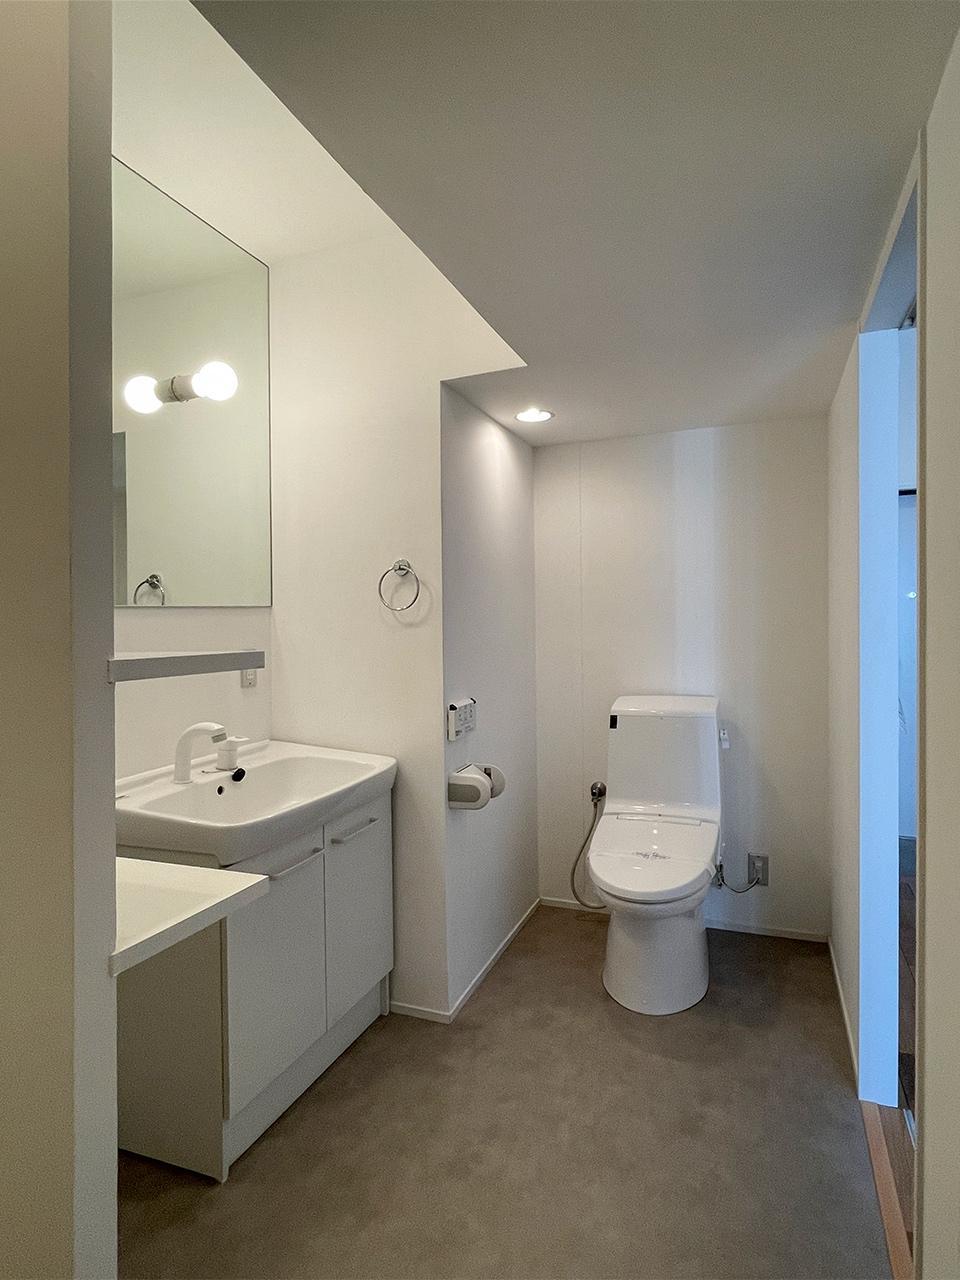 トイレは脱衣所と一緒のタイプ